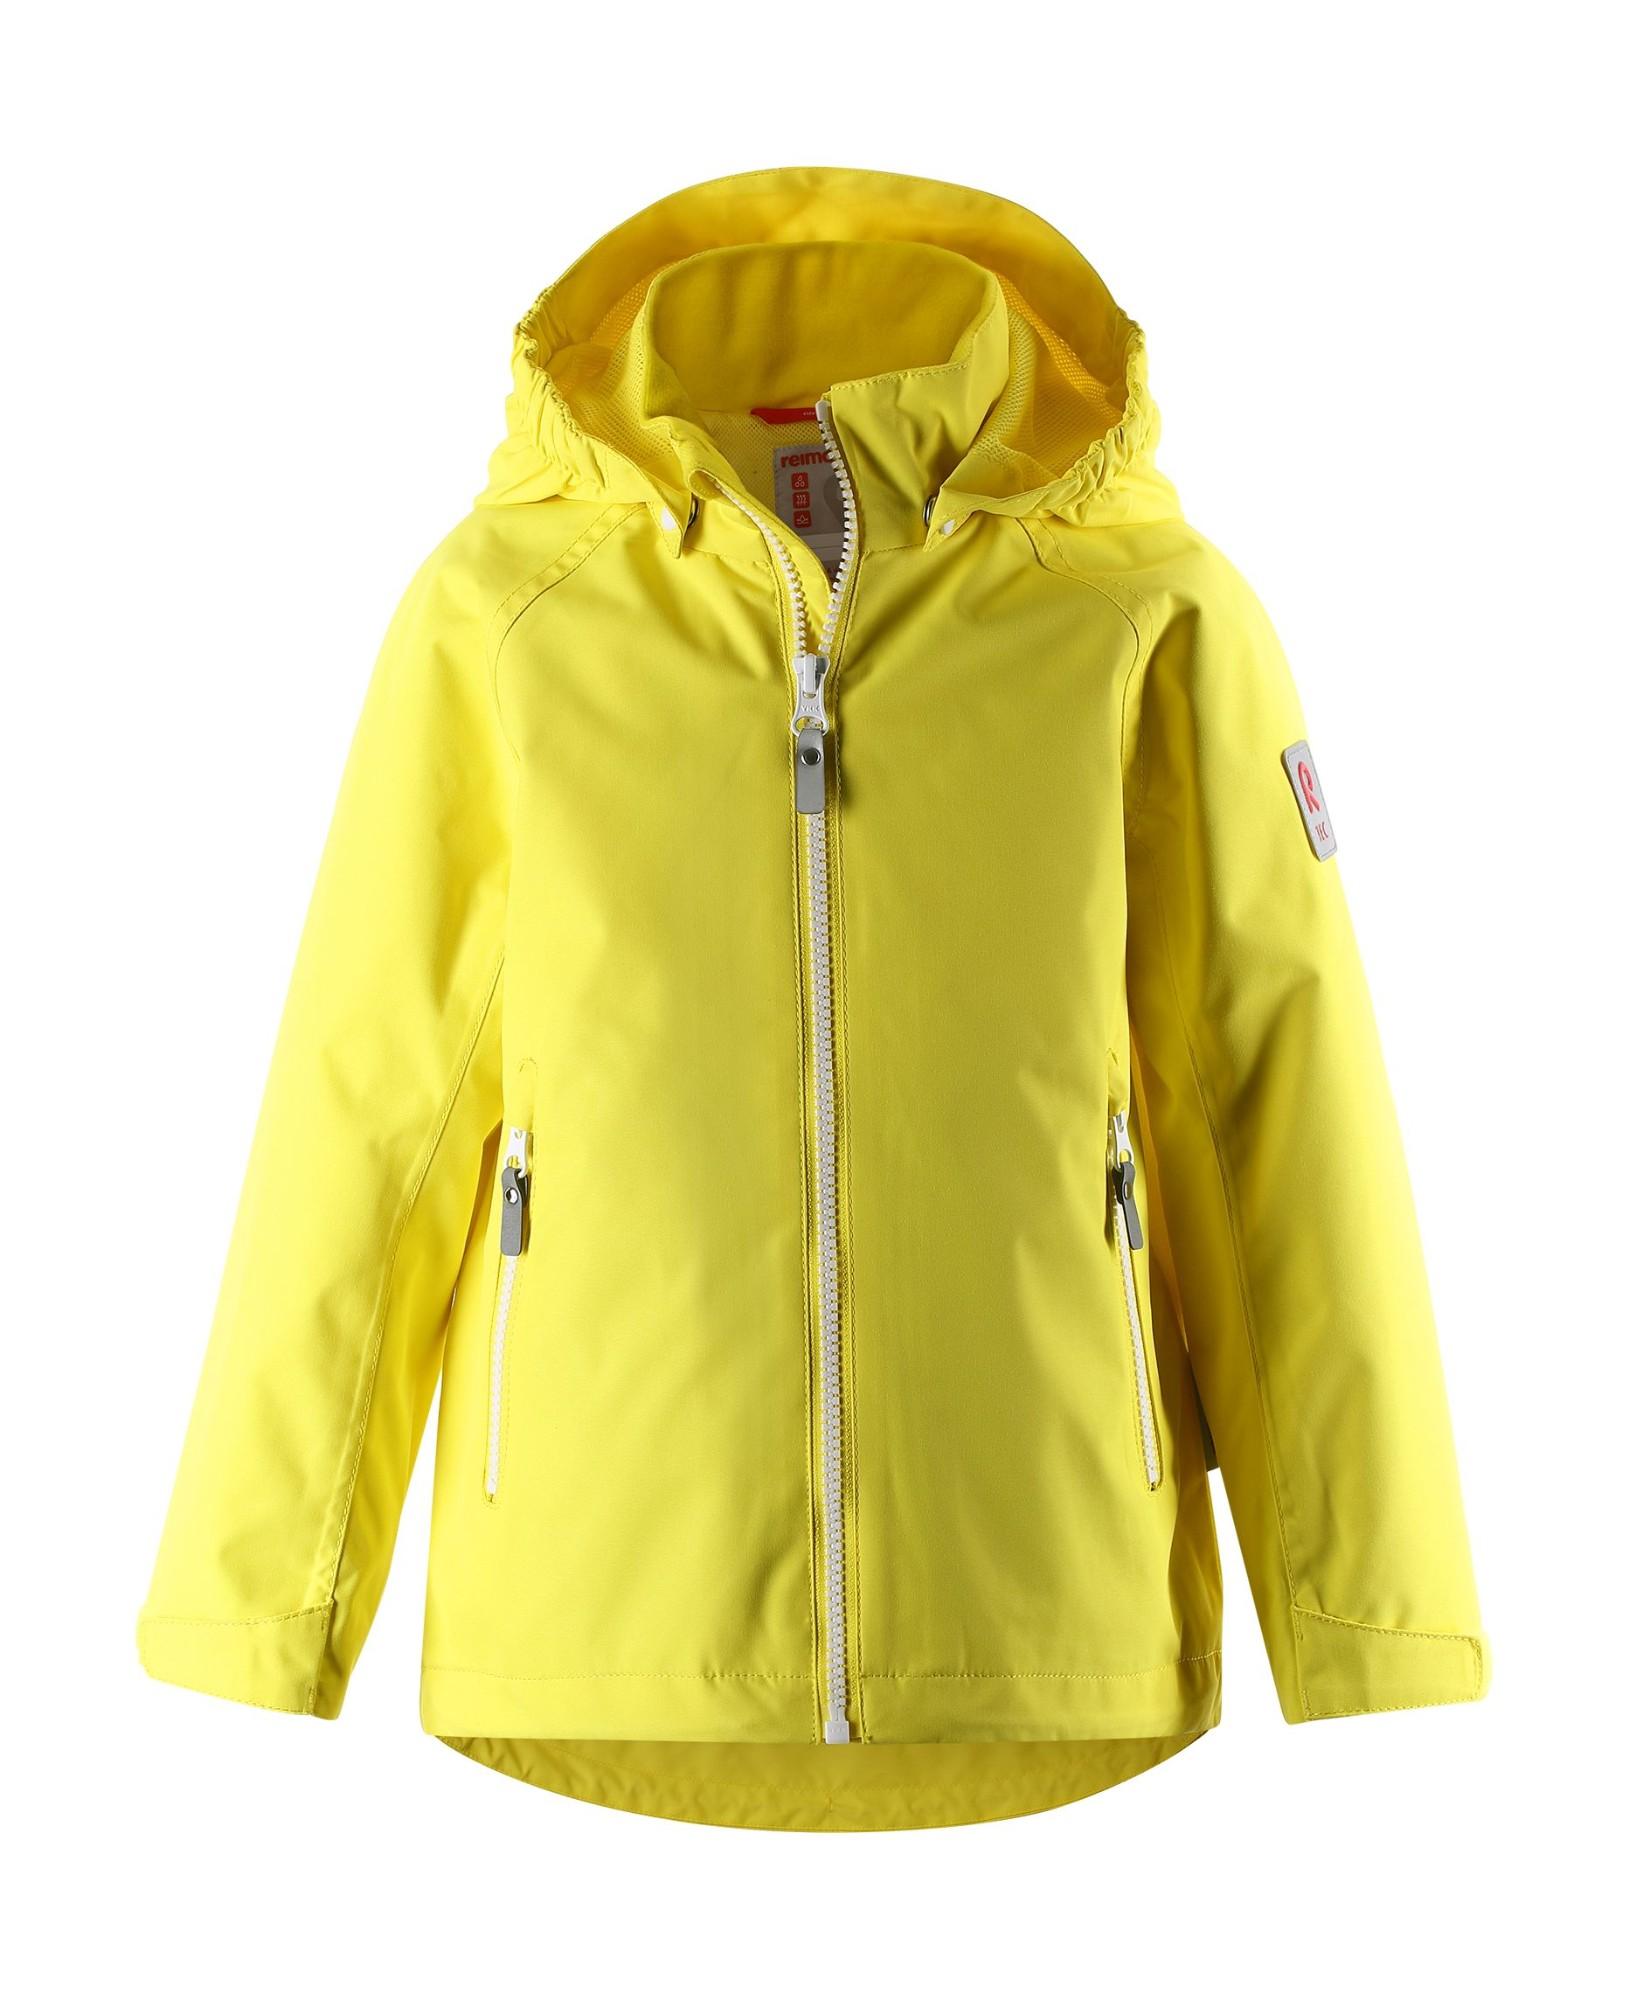 REIMA Soutu 521601A Lemon Yellow 116